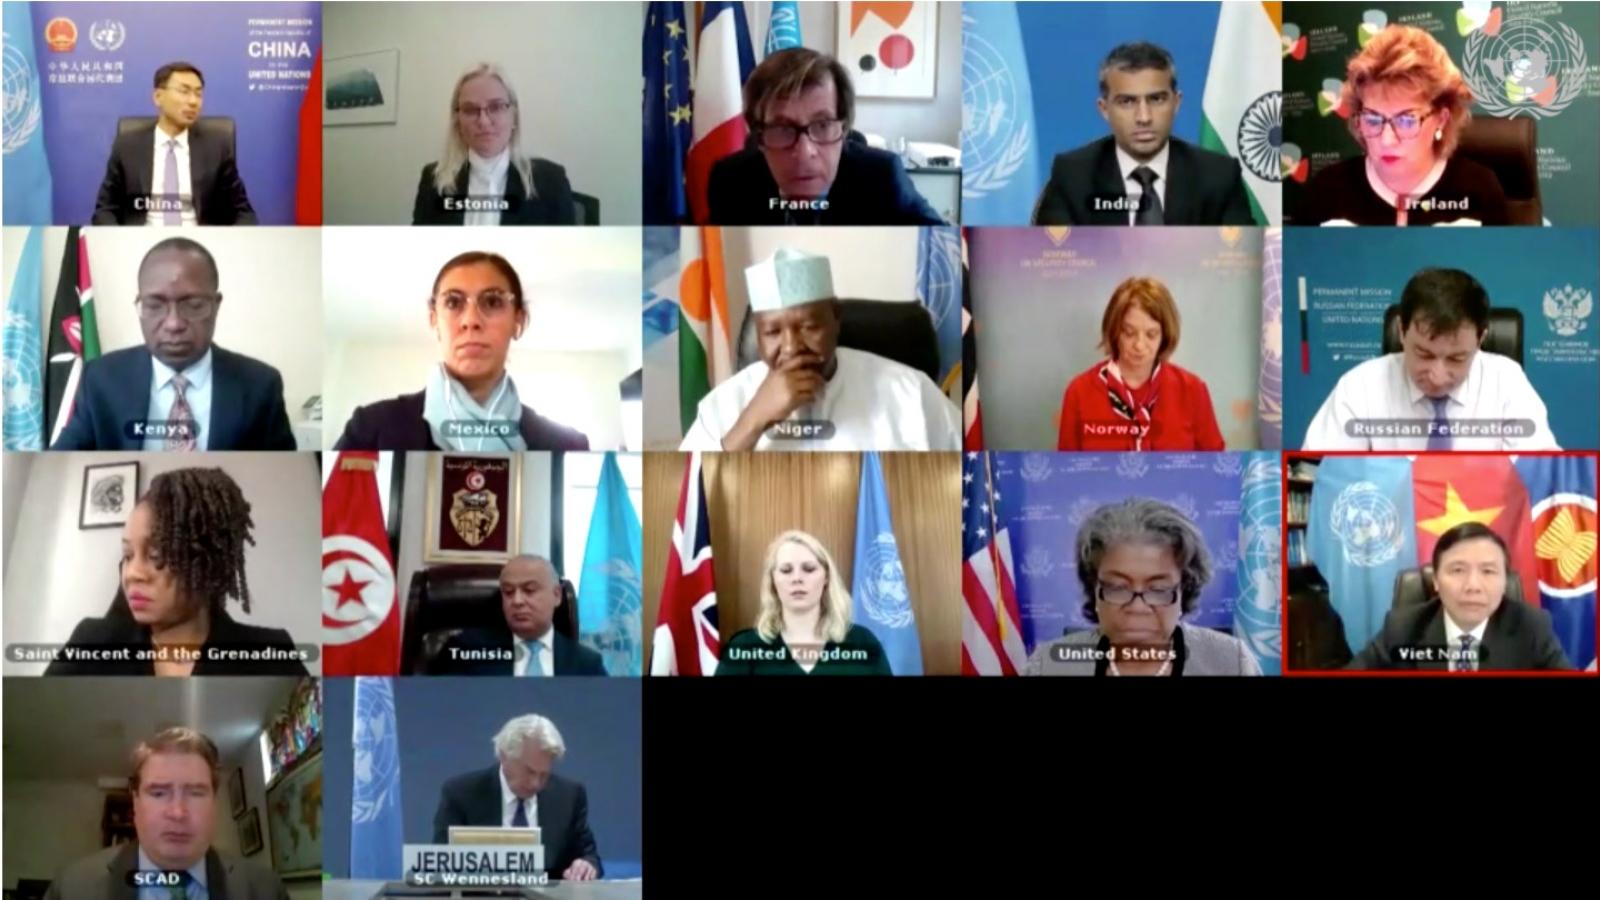 Hội đồng Bảo an Liên Hợp Quốc thảo luận về Trung Đông, bao gồm vấn đề Palestine